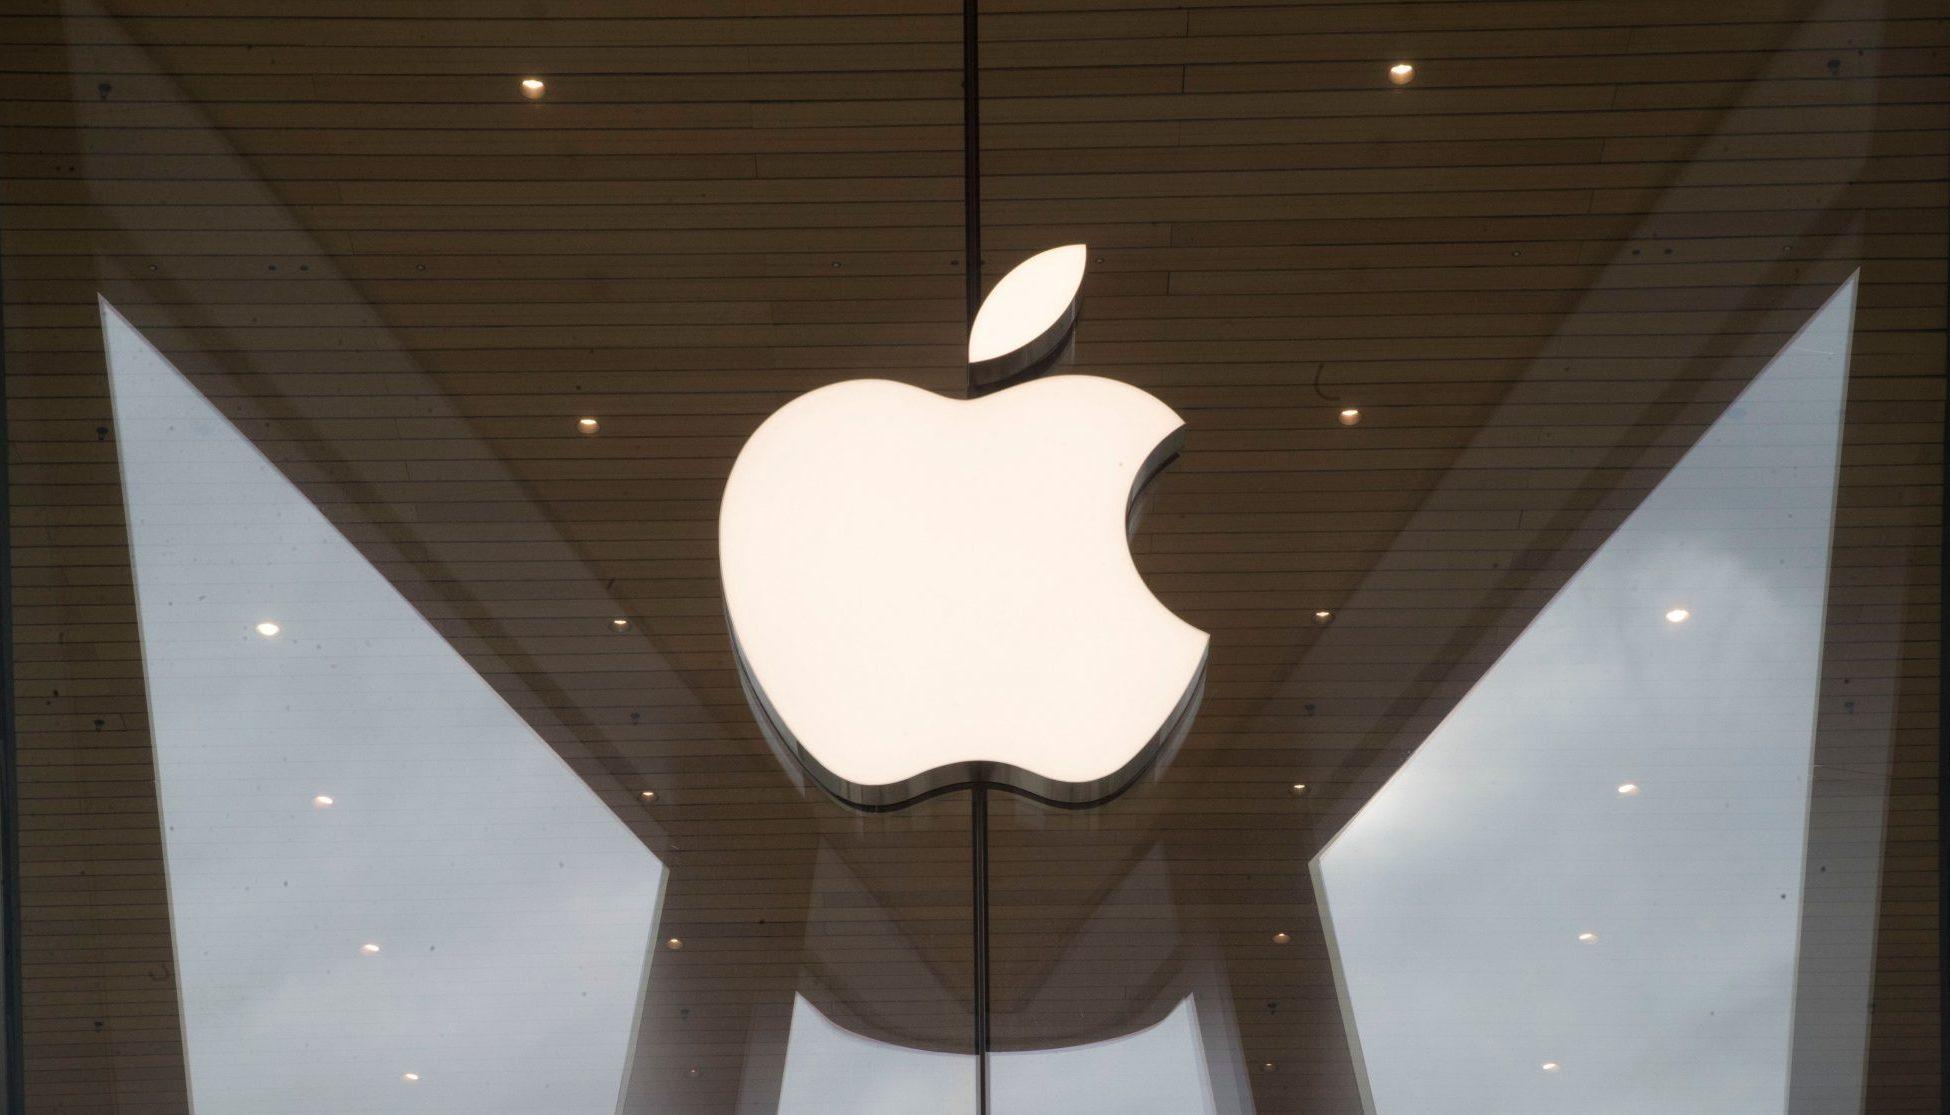 iPhone все еще работает после падения с самолета и проведя 13 месяцев на земле в Исландии